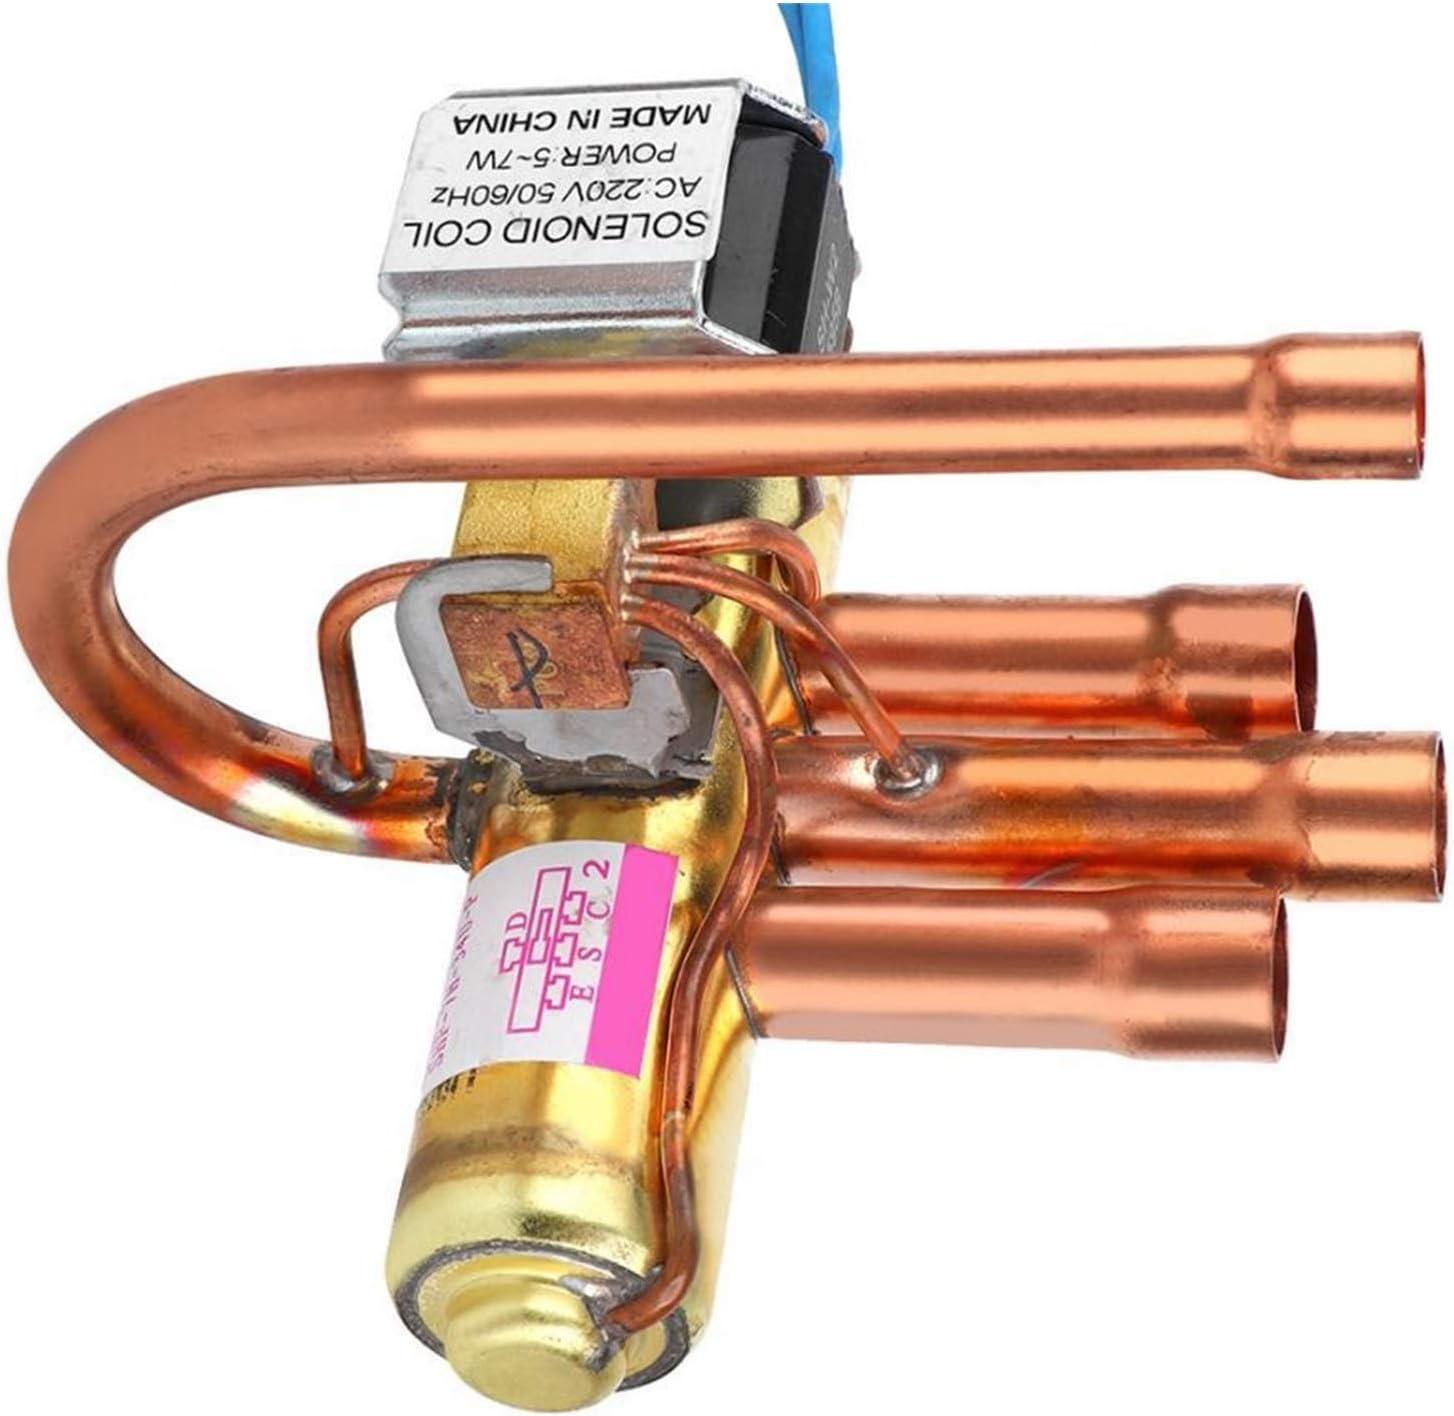 SHUAN QIAO Aire Acondicionado Válvula de inversión de Cuatro vías electromagnéticas con Bobina 1p Acondicionador de Aire de Cobre Válvula hidráulica Piezas de Repuesto (Color : 1P)